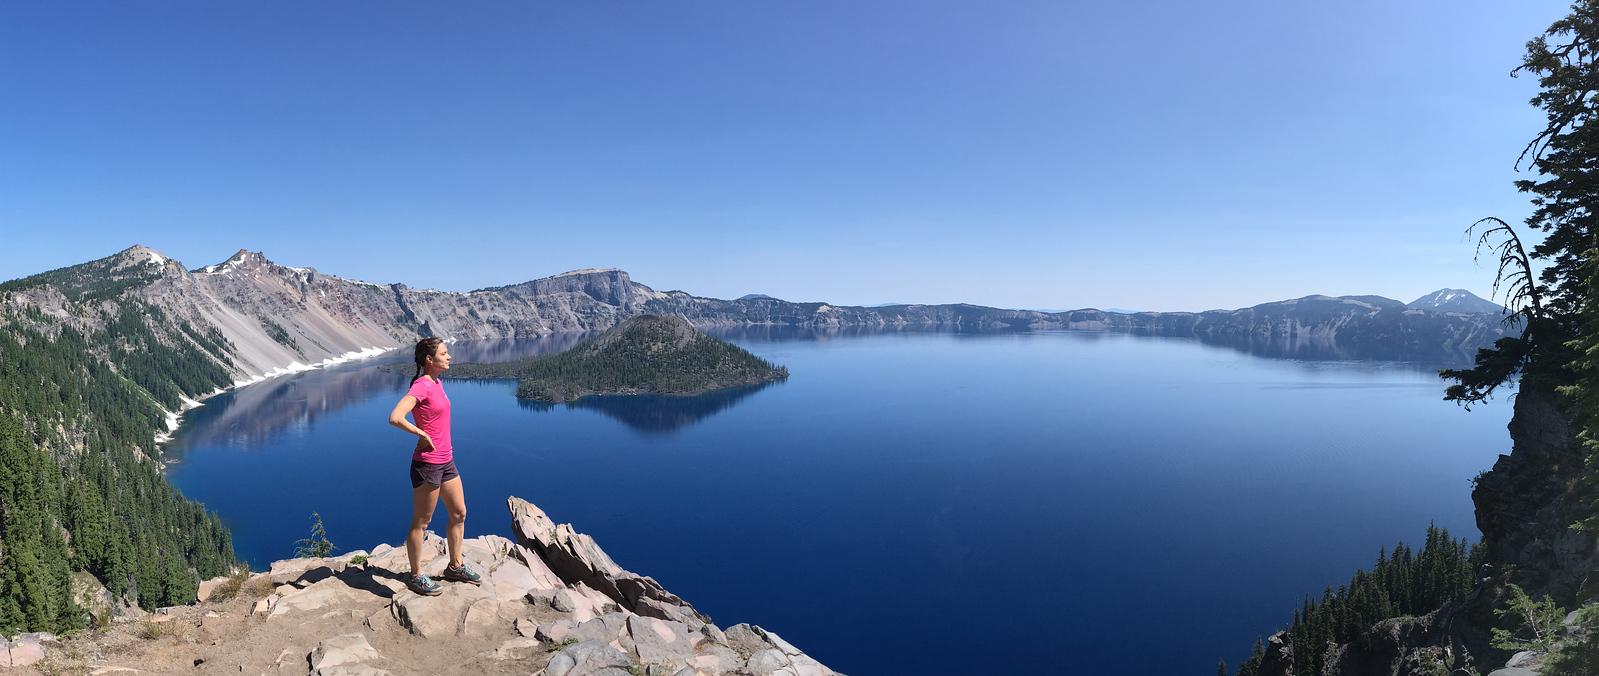 The lake's maximum depth has been measured at 594 m